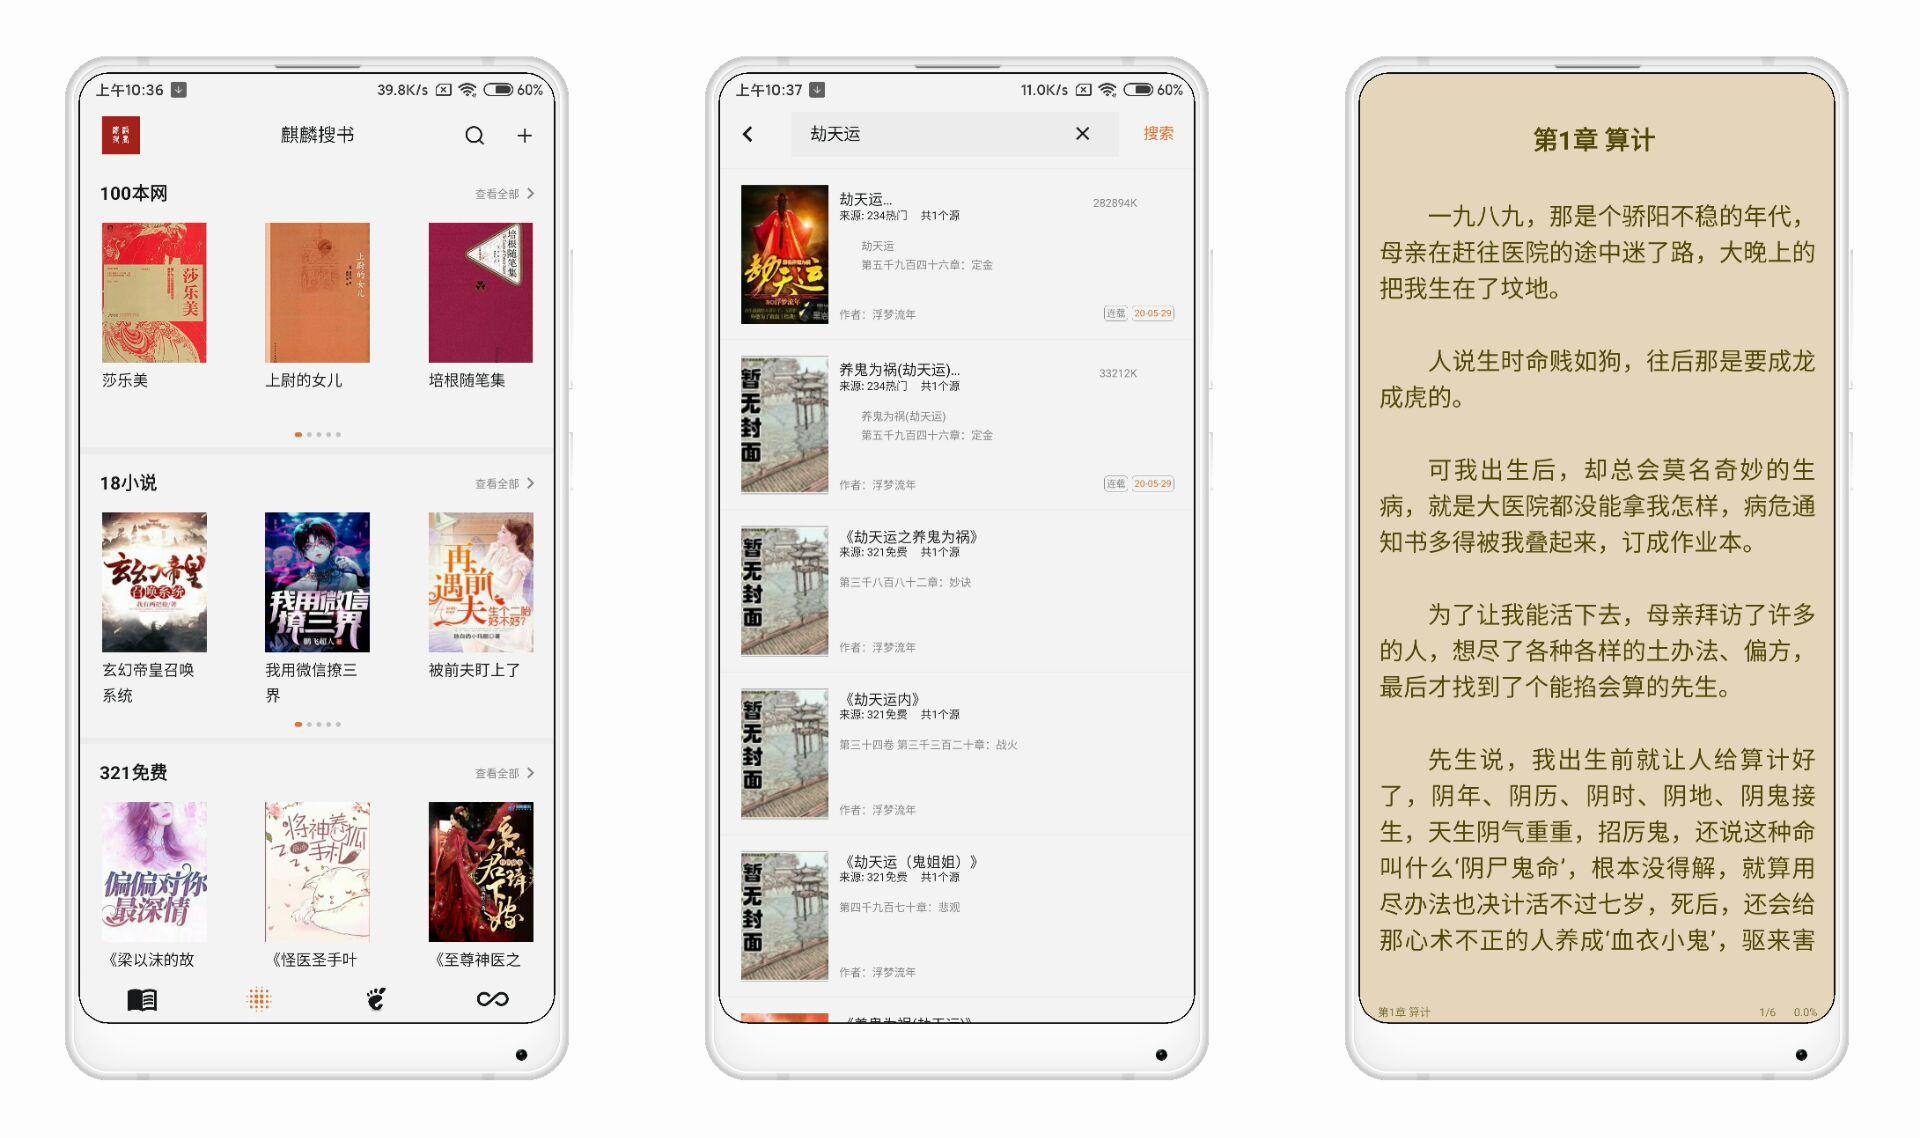 【麒麟搜书】免费小说阅读搜书工具 更新快 支持离线缓存,第2张